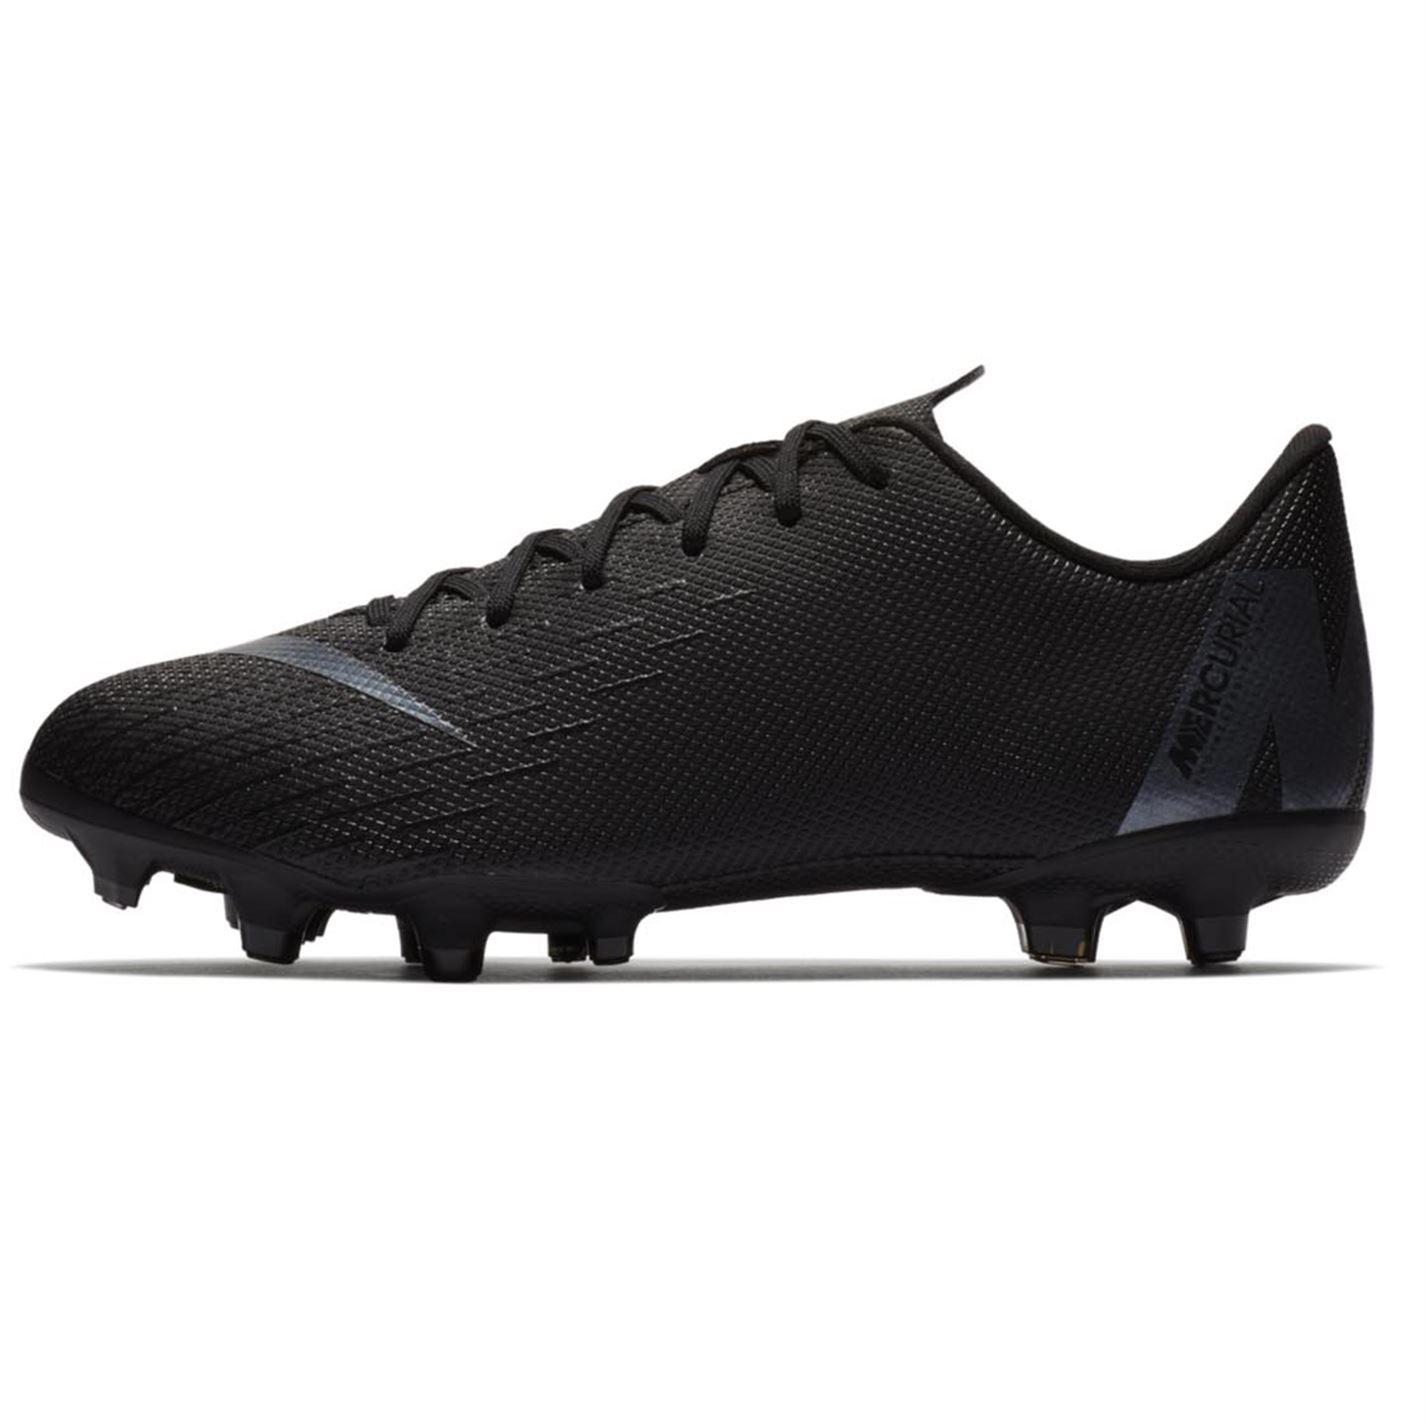 separation shoes 573df 19a7c ... Nike Mercurial Vapor Accademia terra Bitte Calcio di FG calcio stivali  Juniors